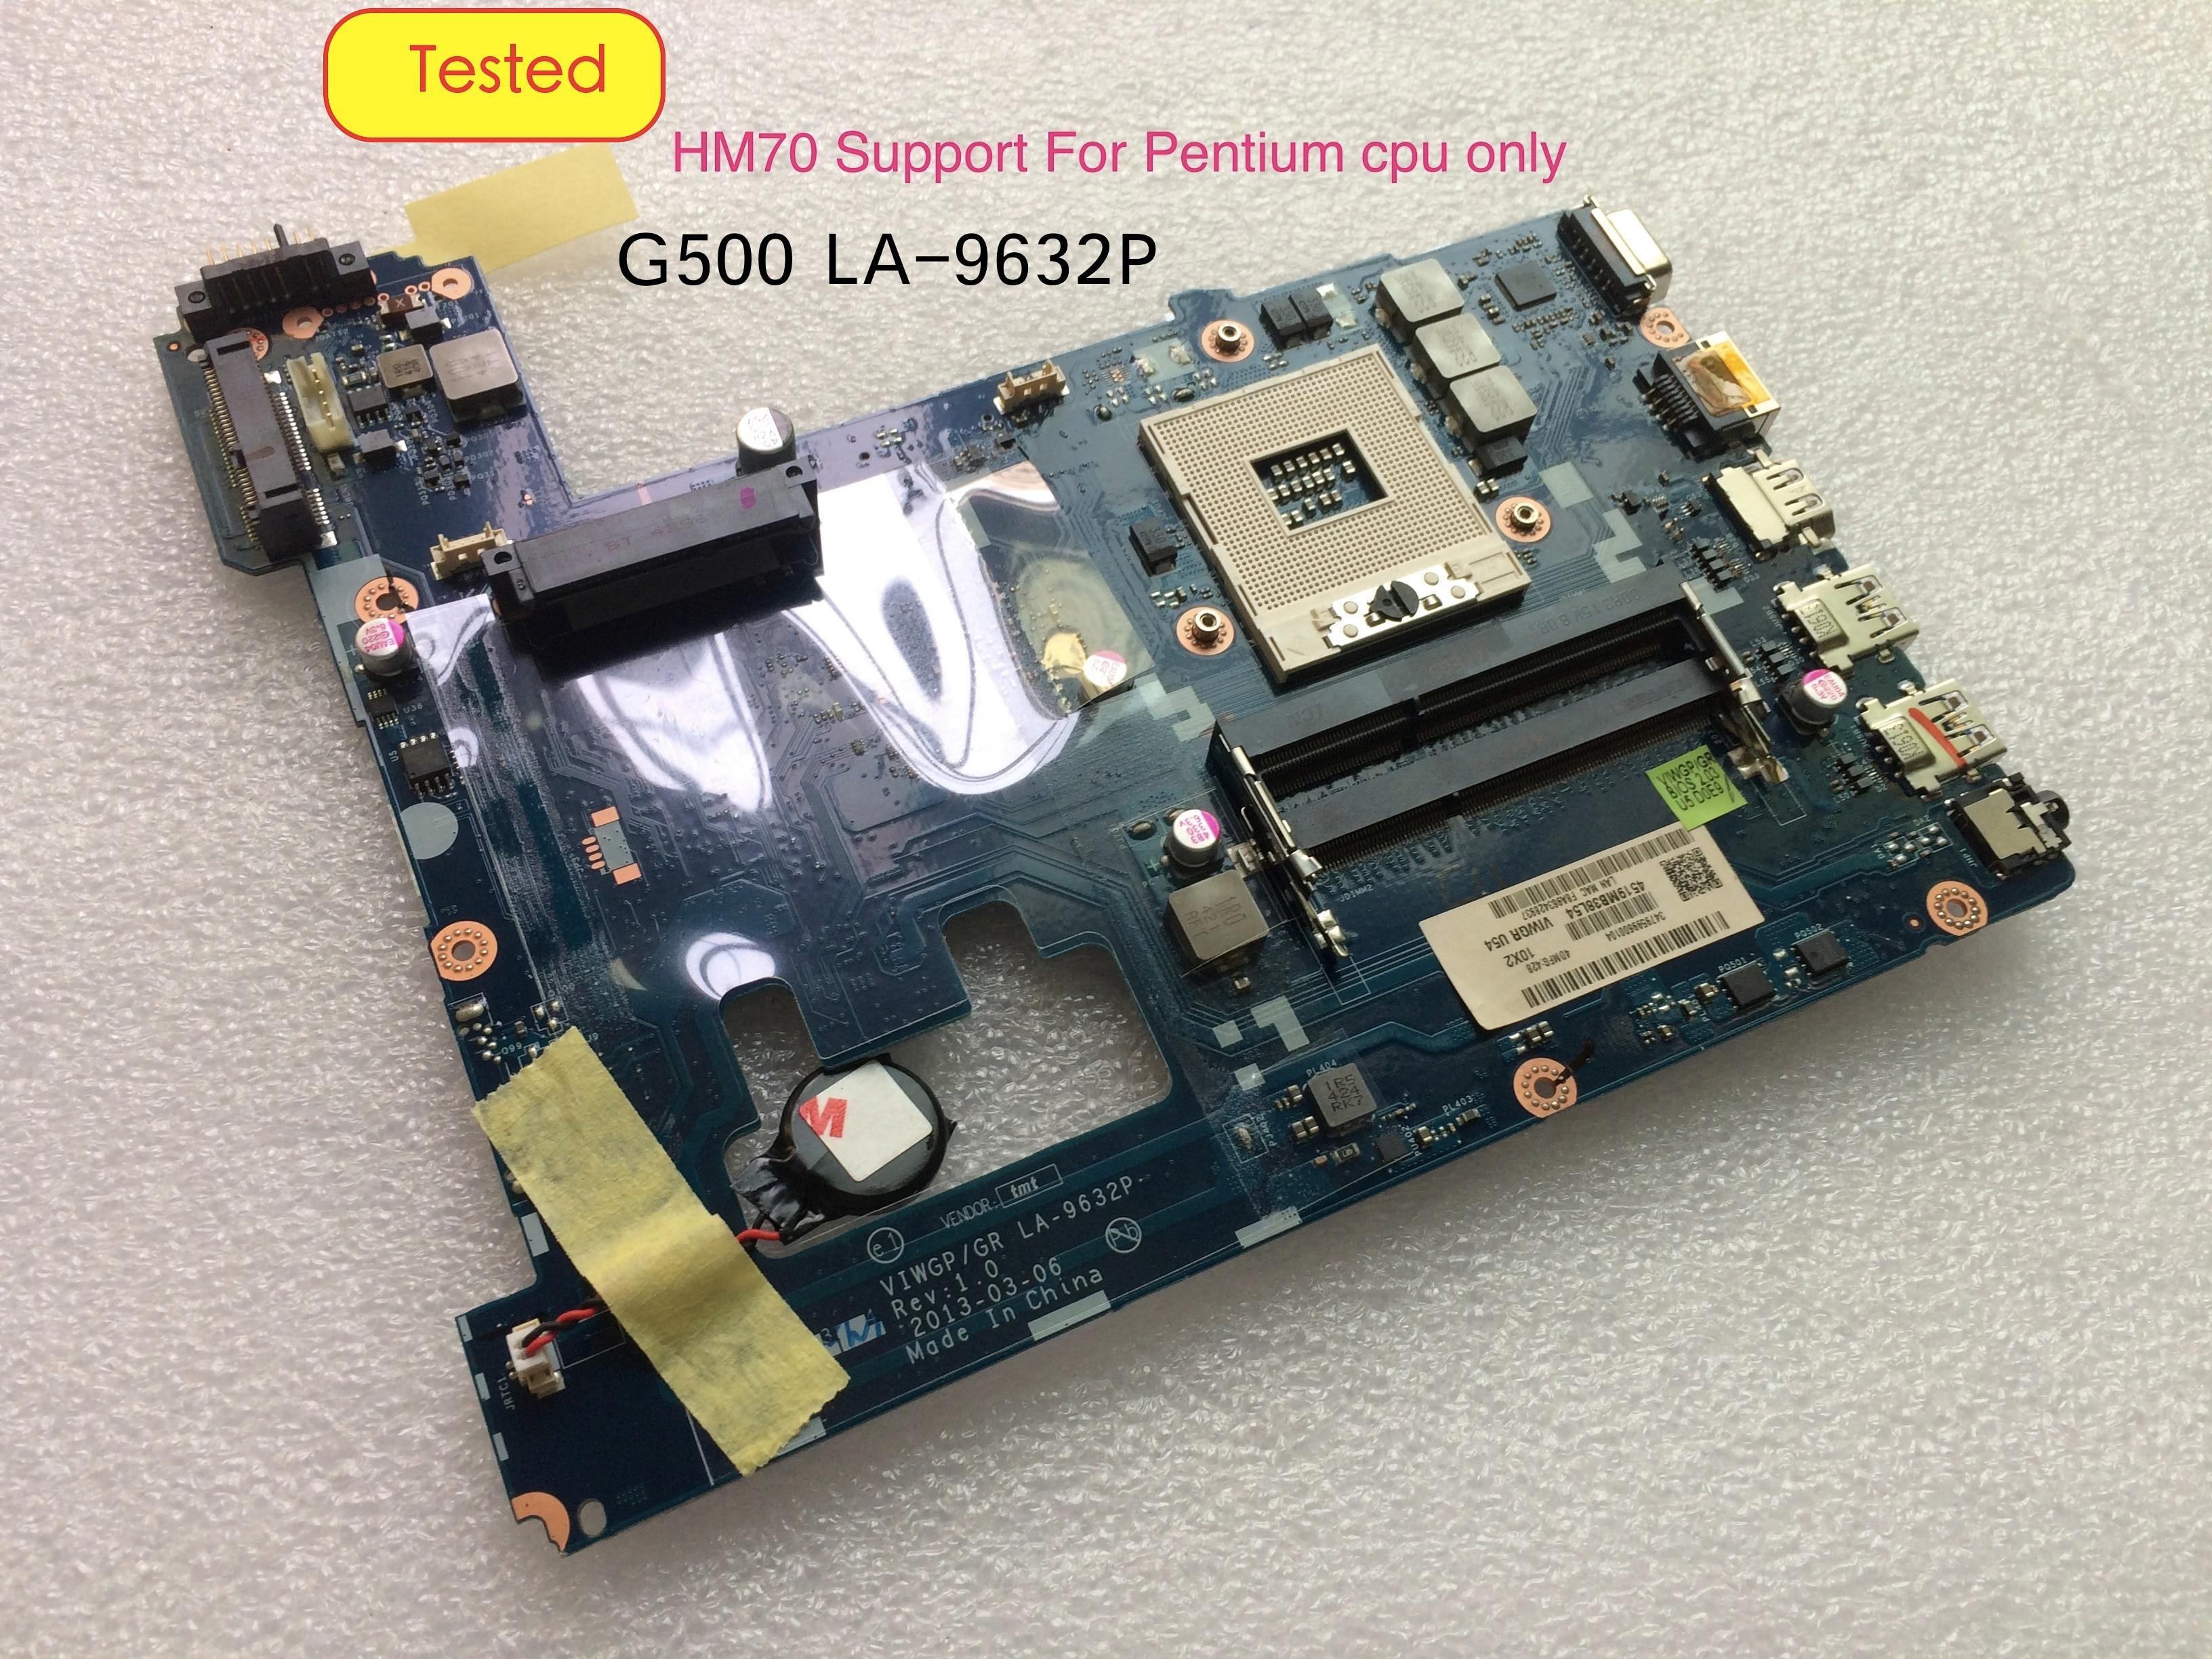 الأصلي لينوفو G500 VIWGP/GR LA-9632P الكمبيوتر المحمول اللوحة الأم